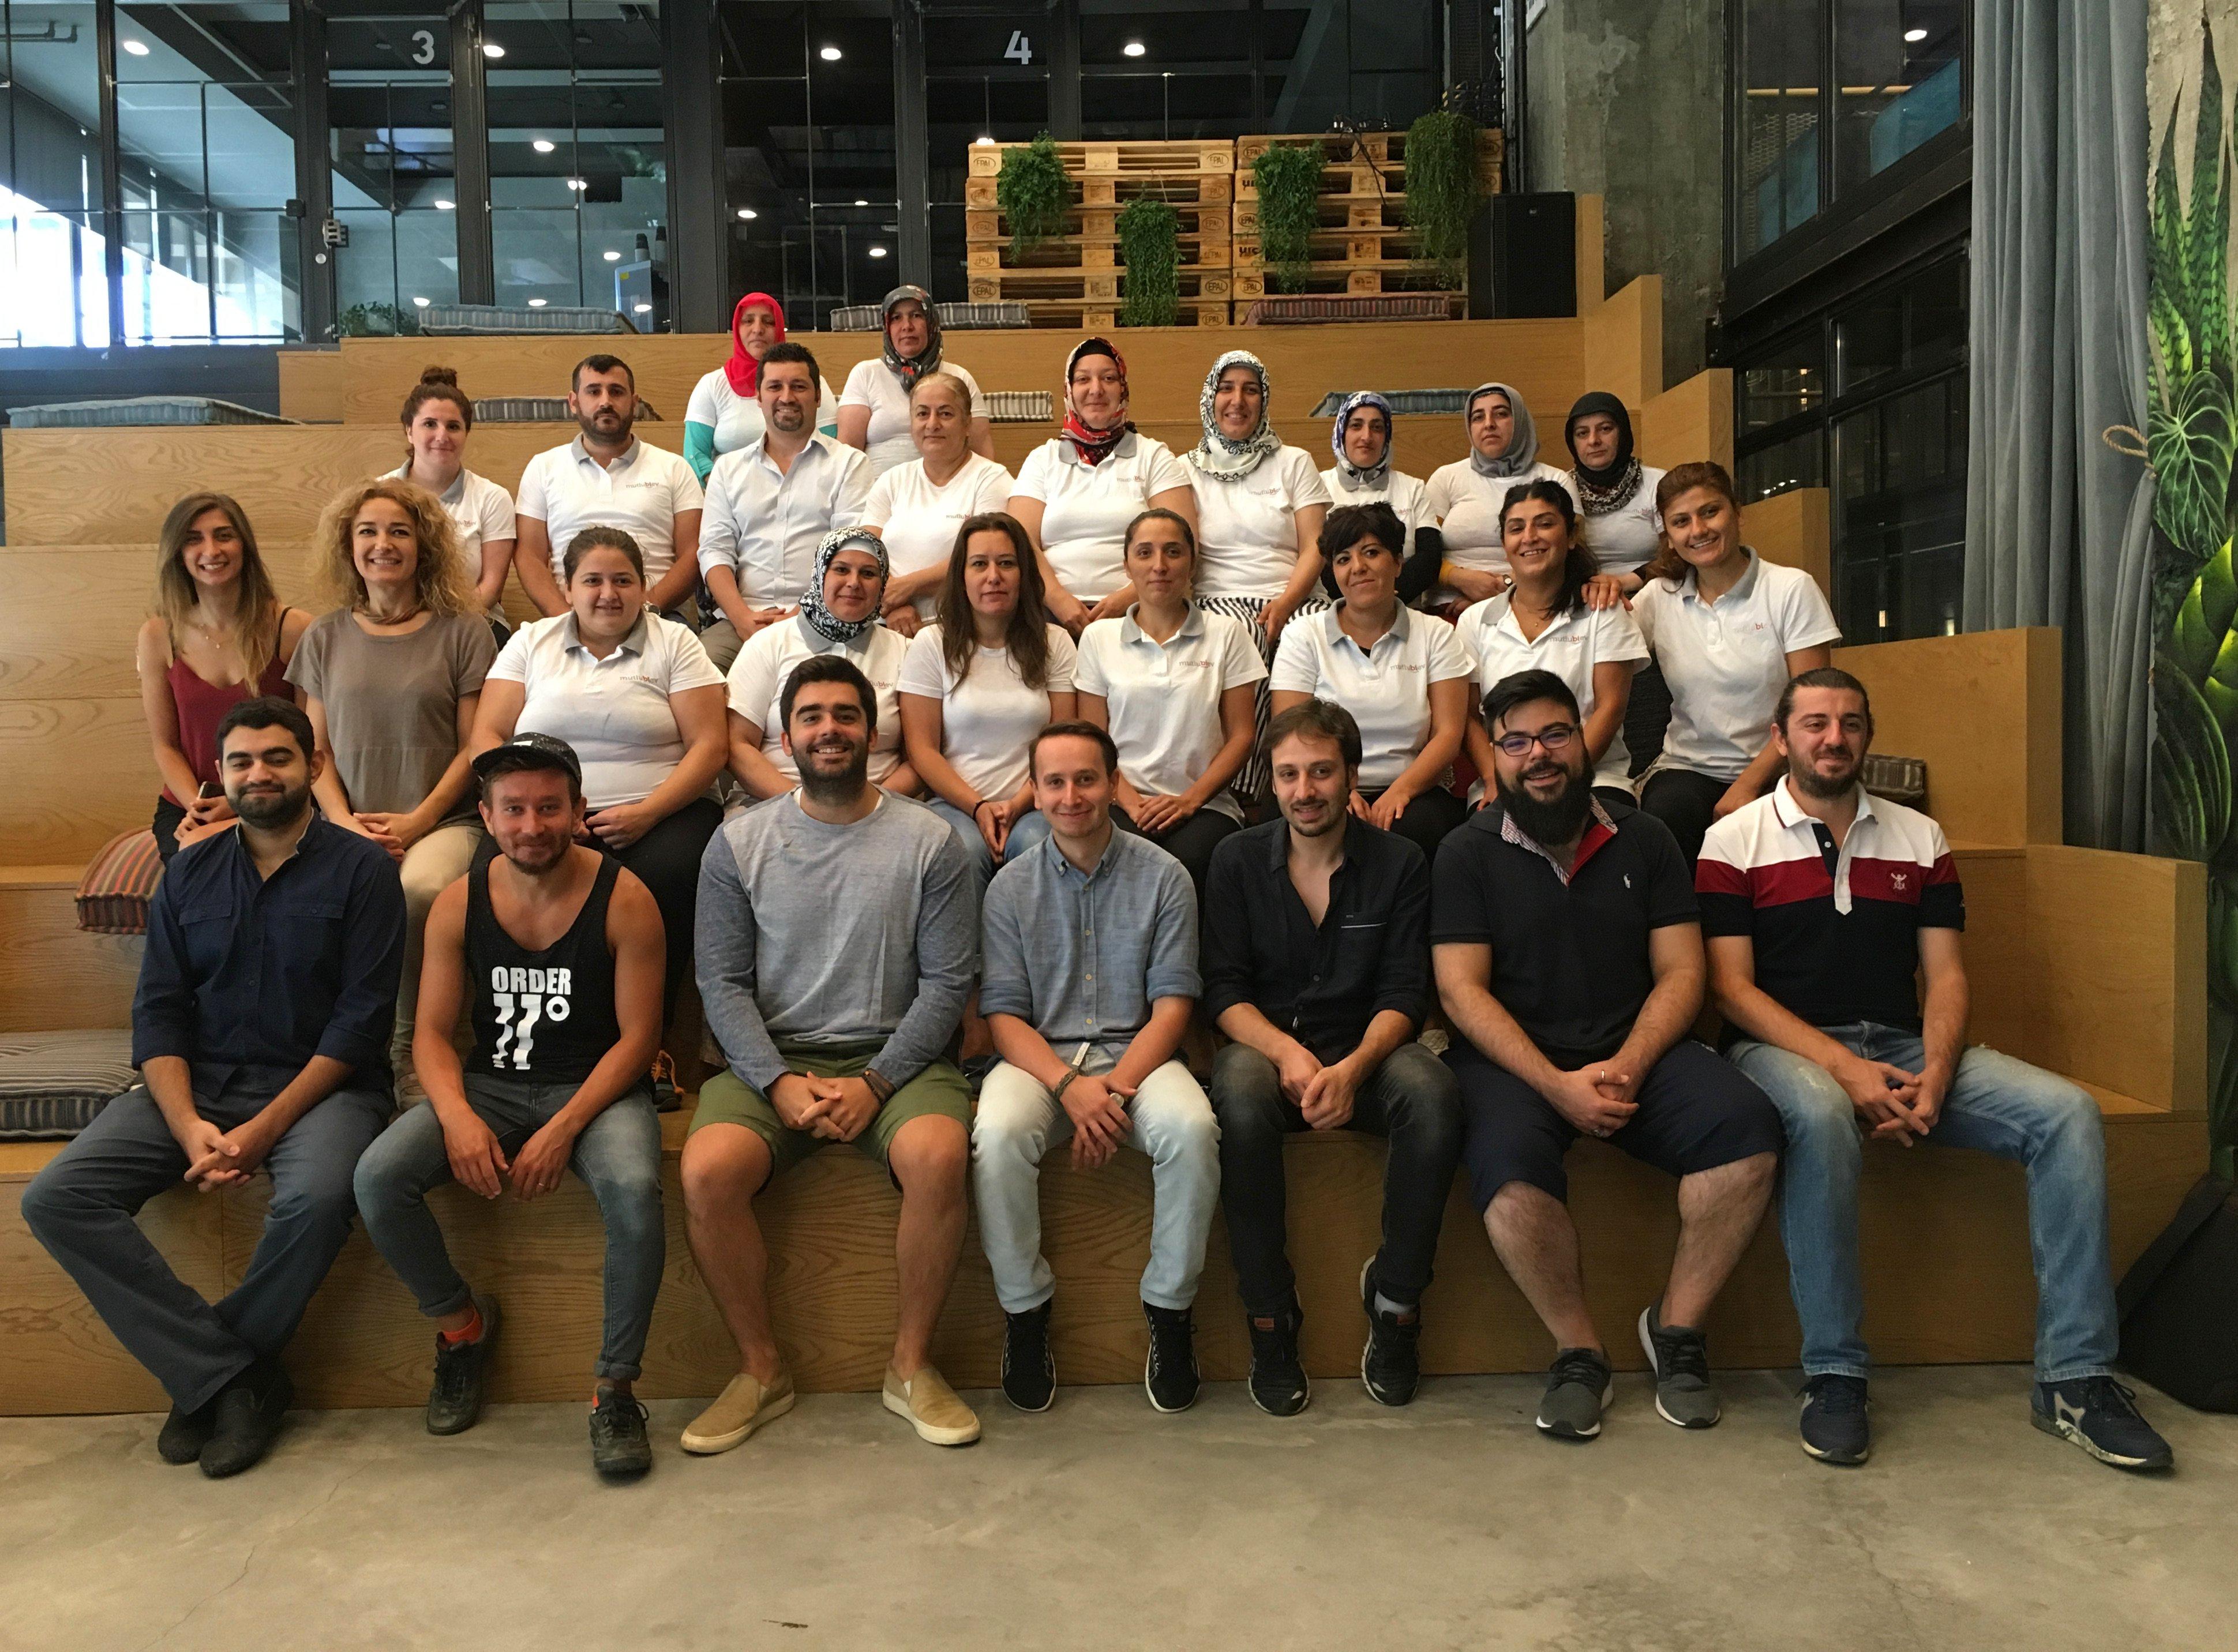 MutluBiEv ekibi ile platform bünyesinde yer alan temizlik profresyonelleri aynı karede